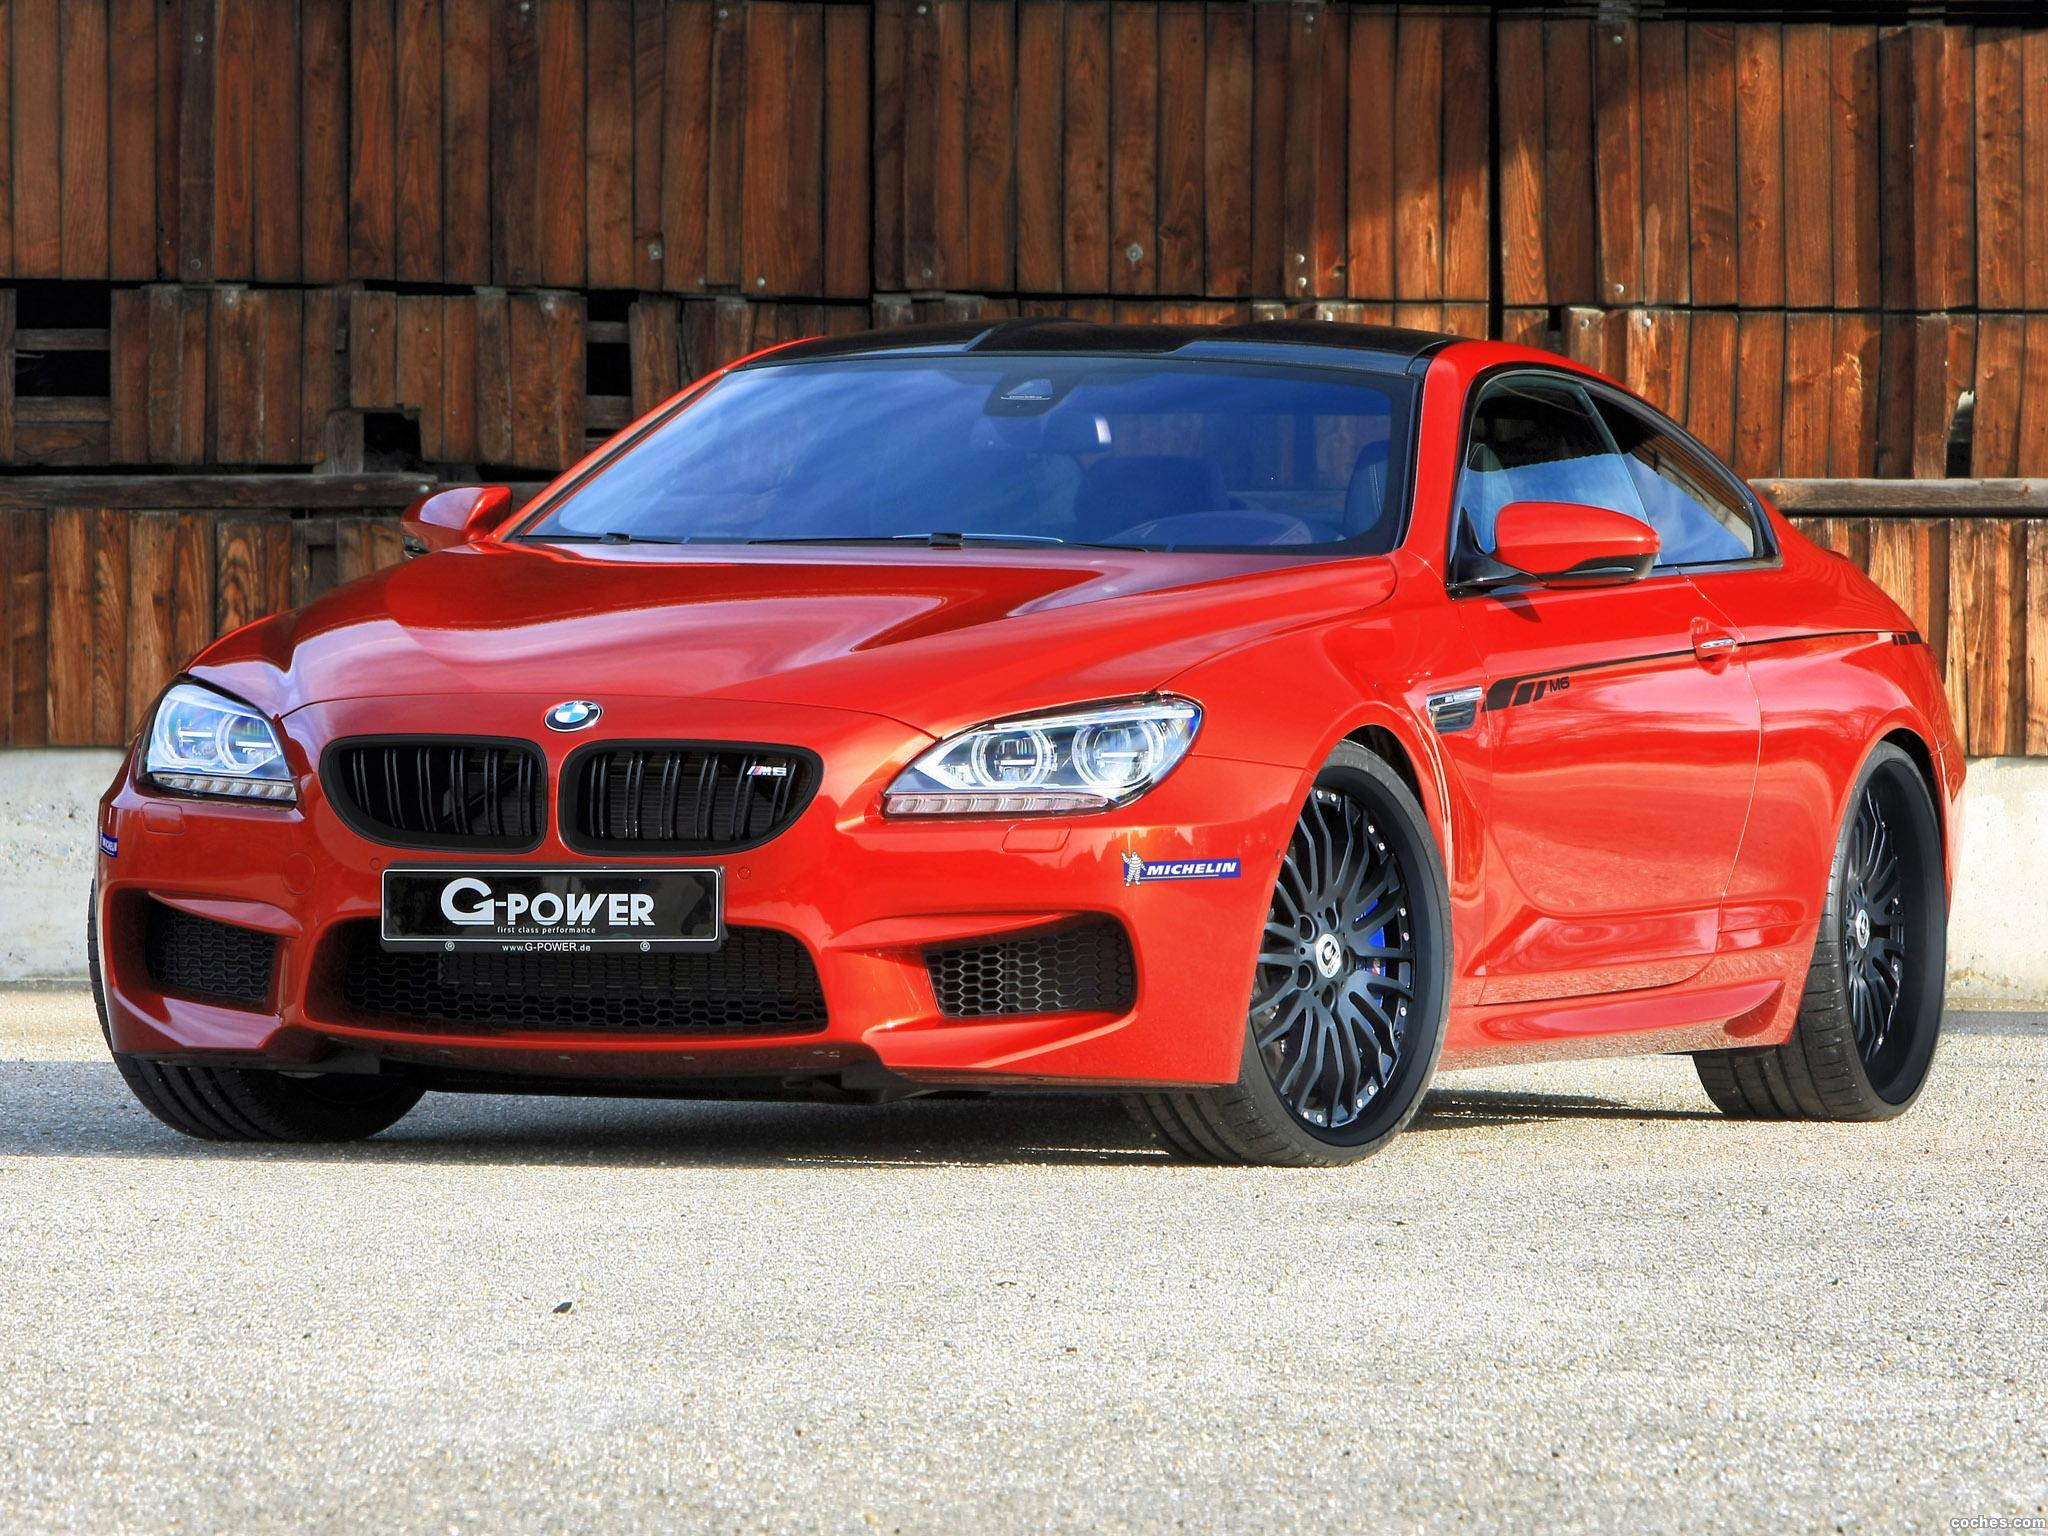 Foto 0 de G Power BMW  Serie 6 M6 Coupe F13 2013